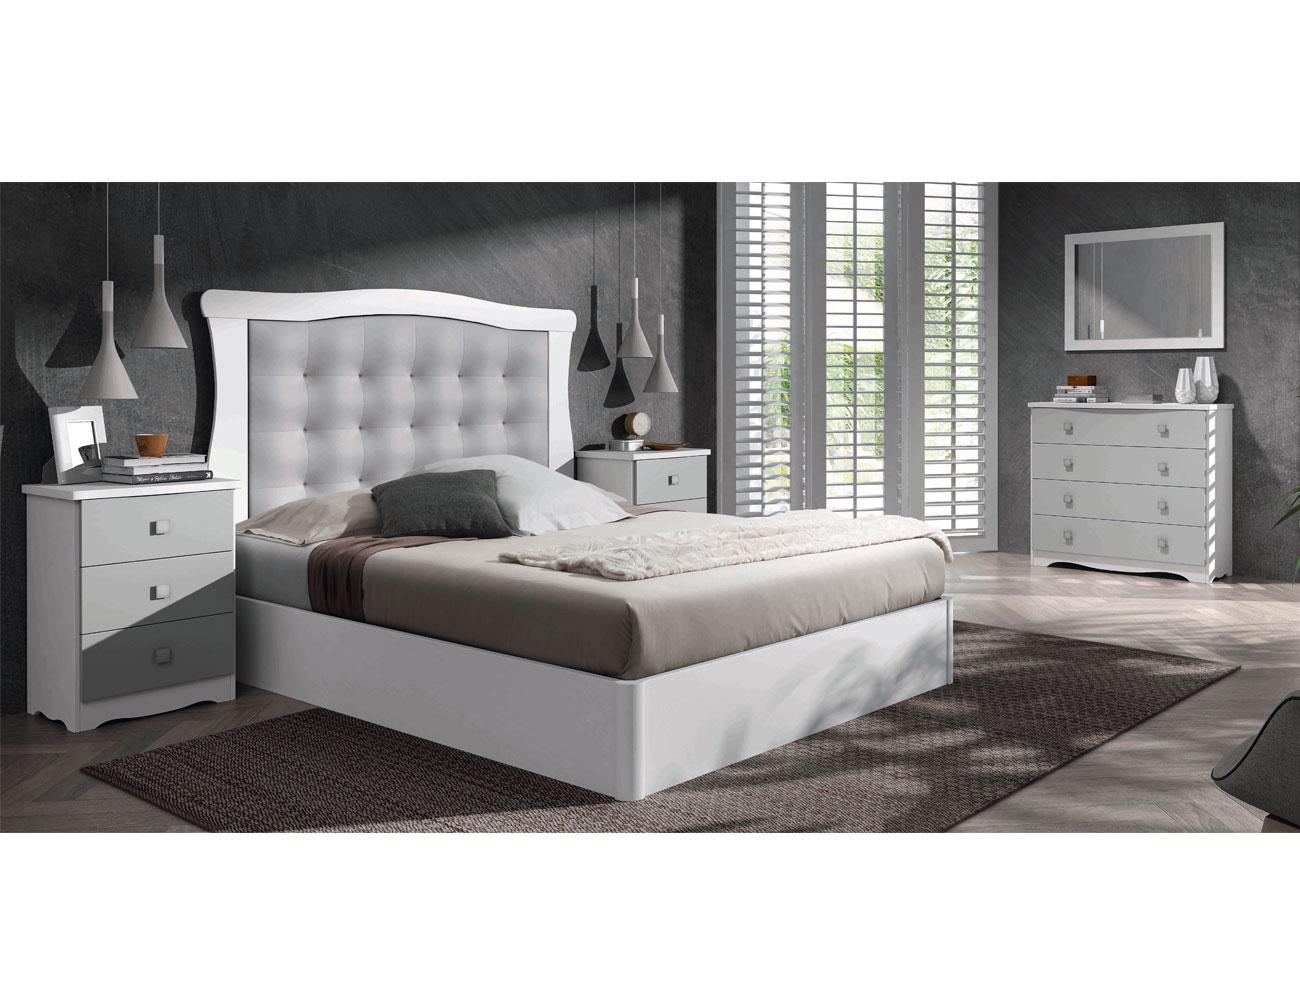 Dormitorio de matrimonio moderno en color nieve y plata - Dormitorio clasico moderno ...